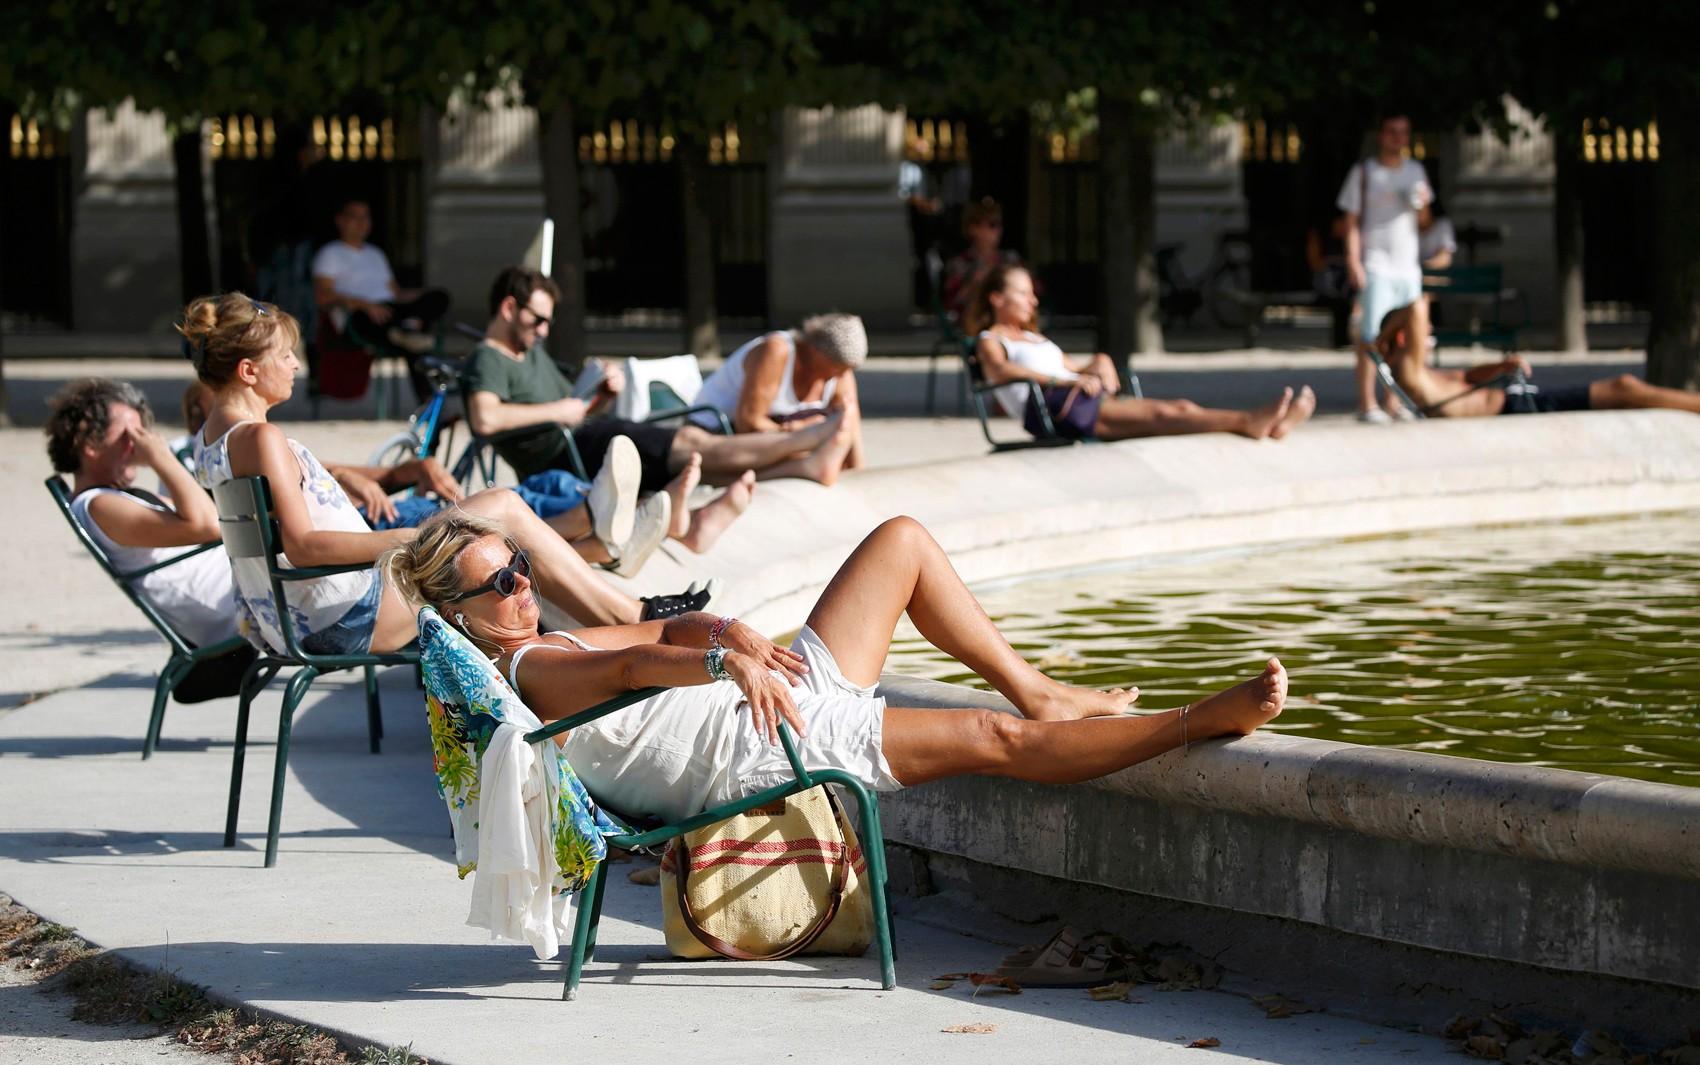 Pessoas tomam sol no jardim do Palais Royal em Paris, nesta terça-feria (13); 2016 pode ser o ano mais quente da história, segundo agência da ONU (Foto: Reuters/Charles Platiau)